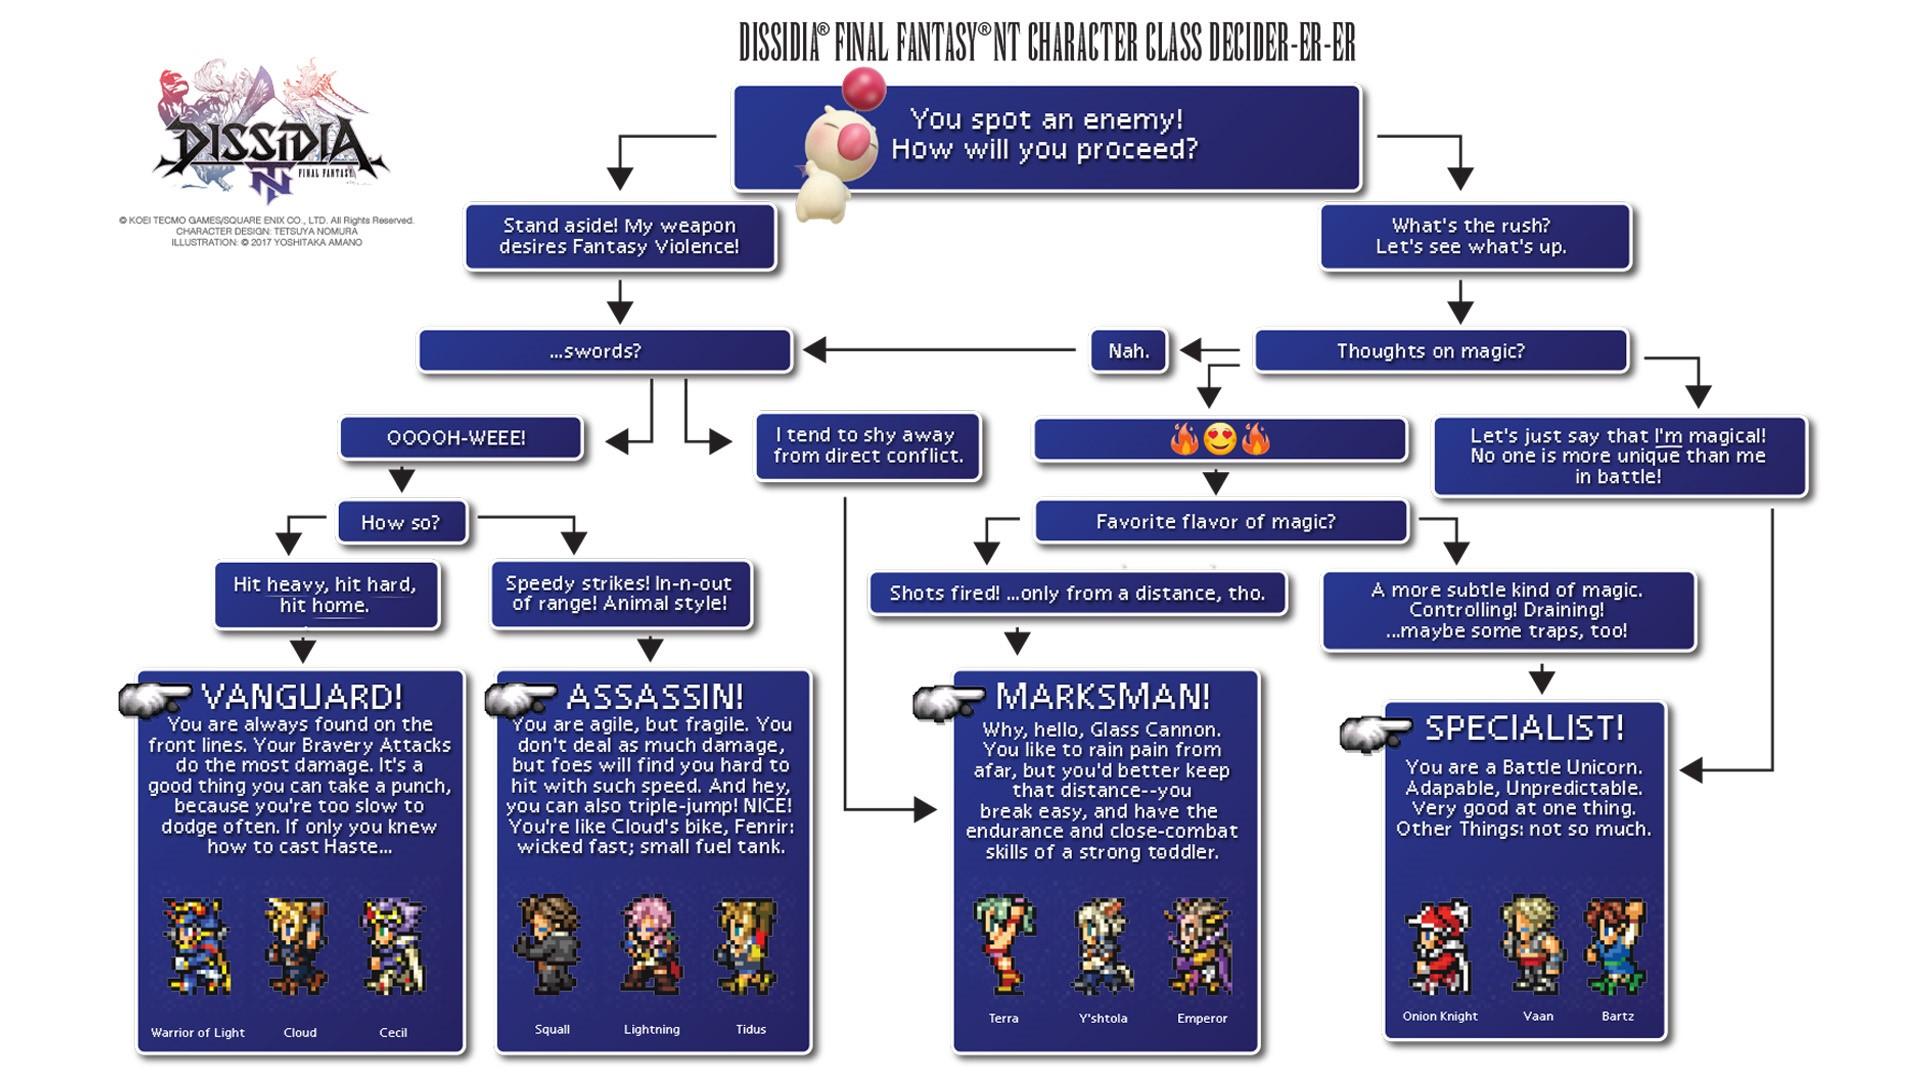 Dissidia Final Fantasy NT Scelta Classe